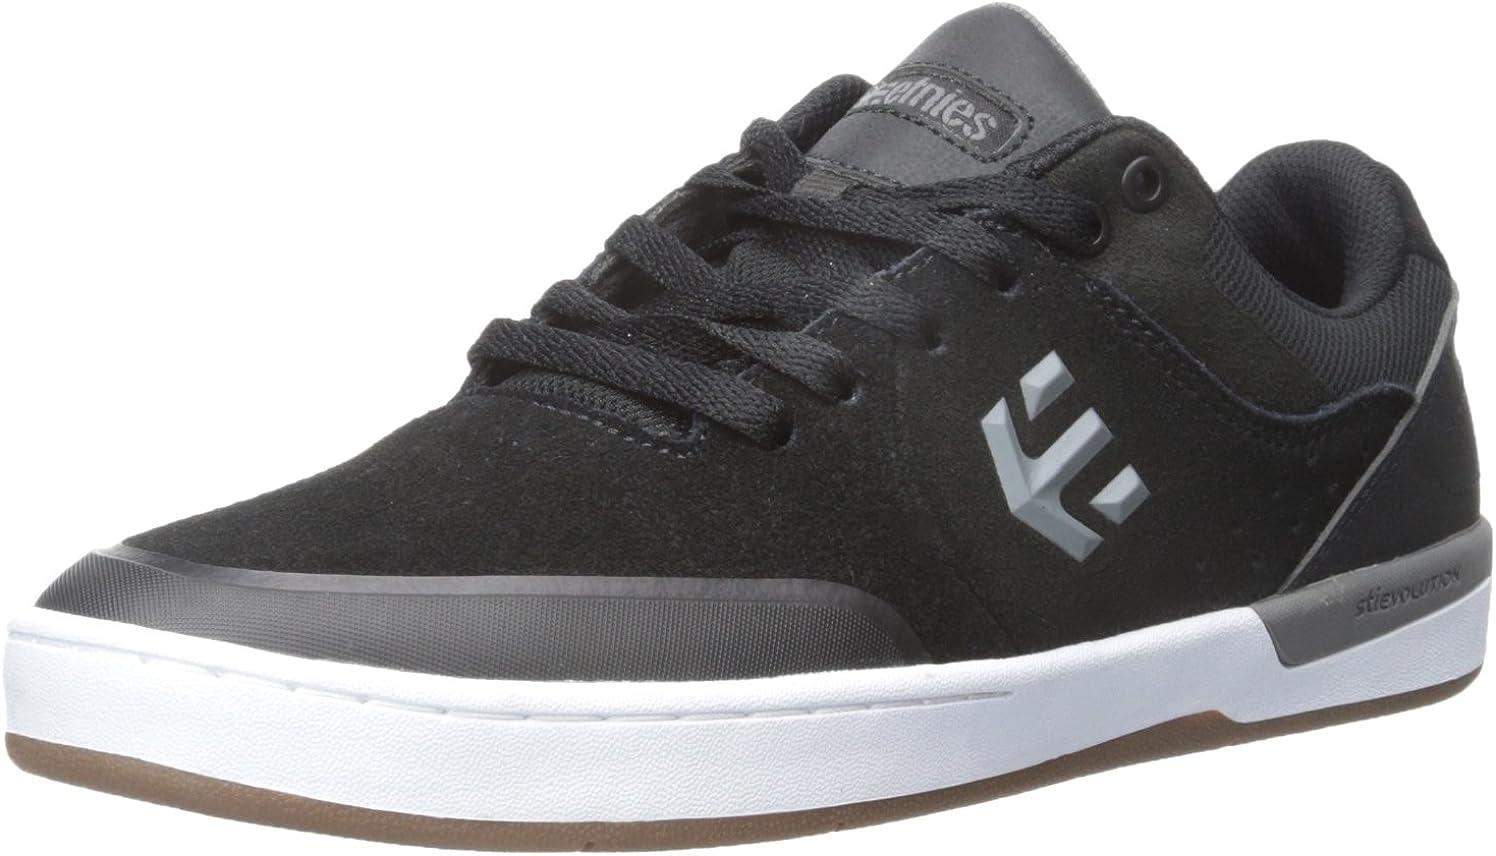 Marana Xt Skateboarding Shoe